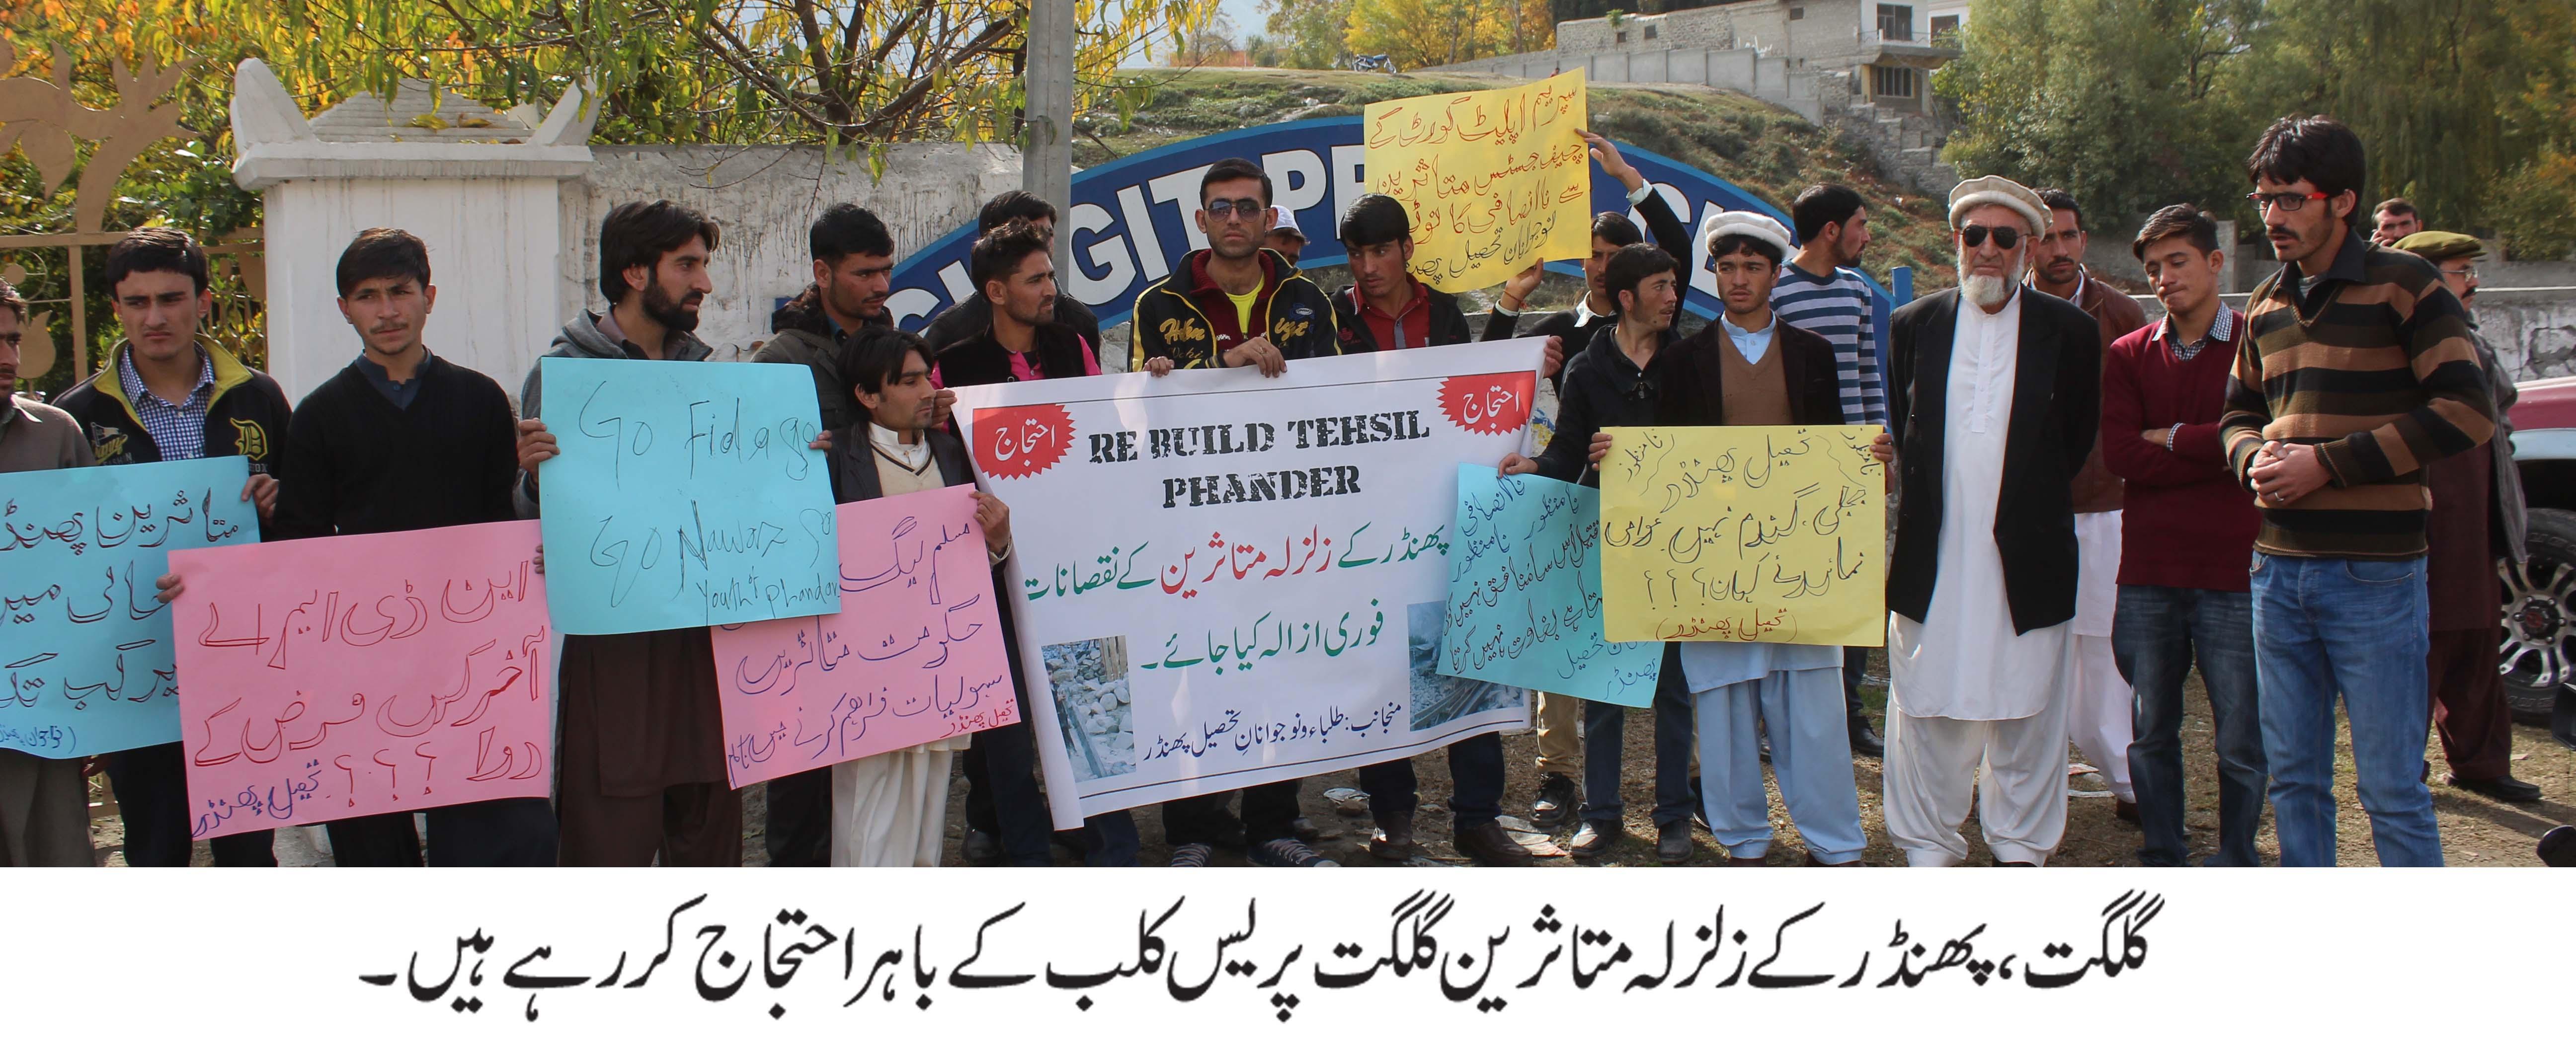 زلزلہ سے متاثرہ علاقے کو میڈیا اور حکام نے نظر انداز کر دیا ہے، متاثرین تکالیف کا شکار ہیں، گلگت پریس کلب کے سامنے احتجاجی مظاہرہ